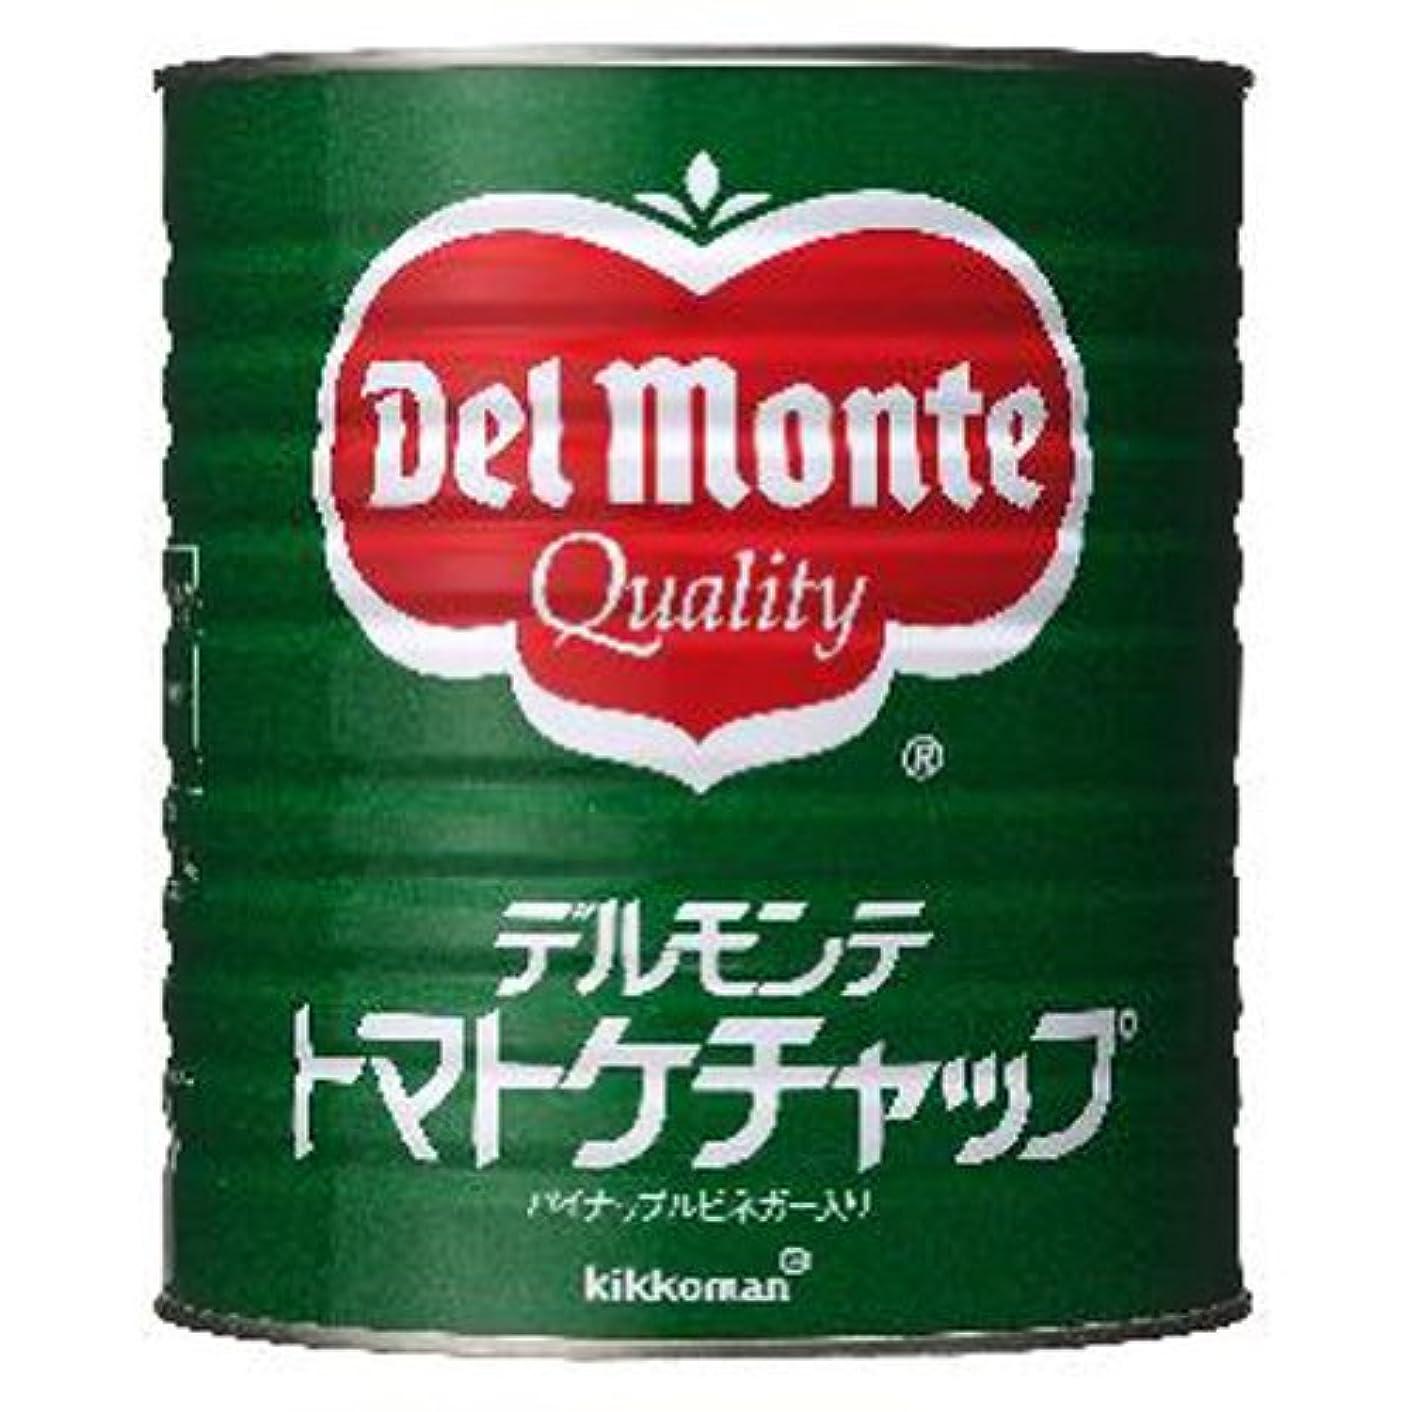 神管理者曖昧なデルモンテ ケチャップ 1号缶(特級)